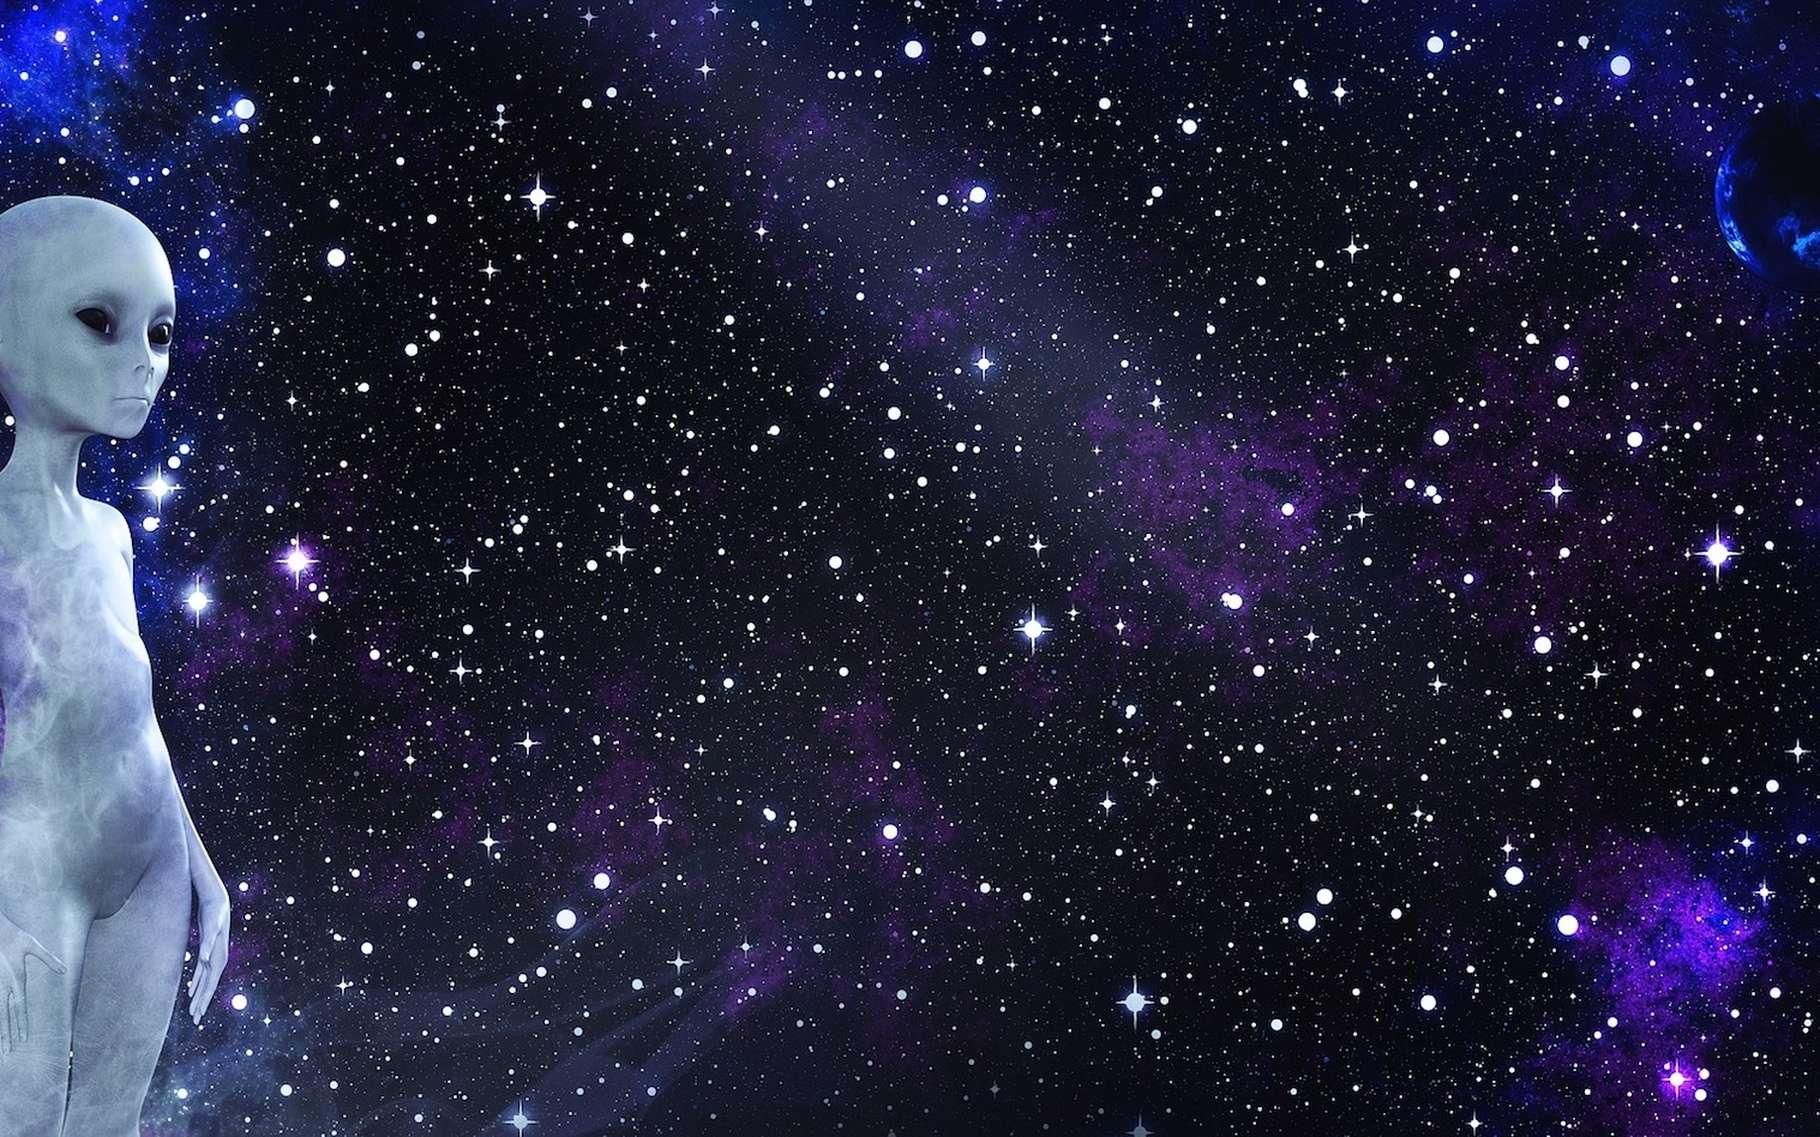 Selon une étude britannique, nous pourrions être les seuls êtres intelligents à vivre dans notre galaxie. © TheDigitalArtist, Pixabay, CC0 Creative Commons